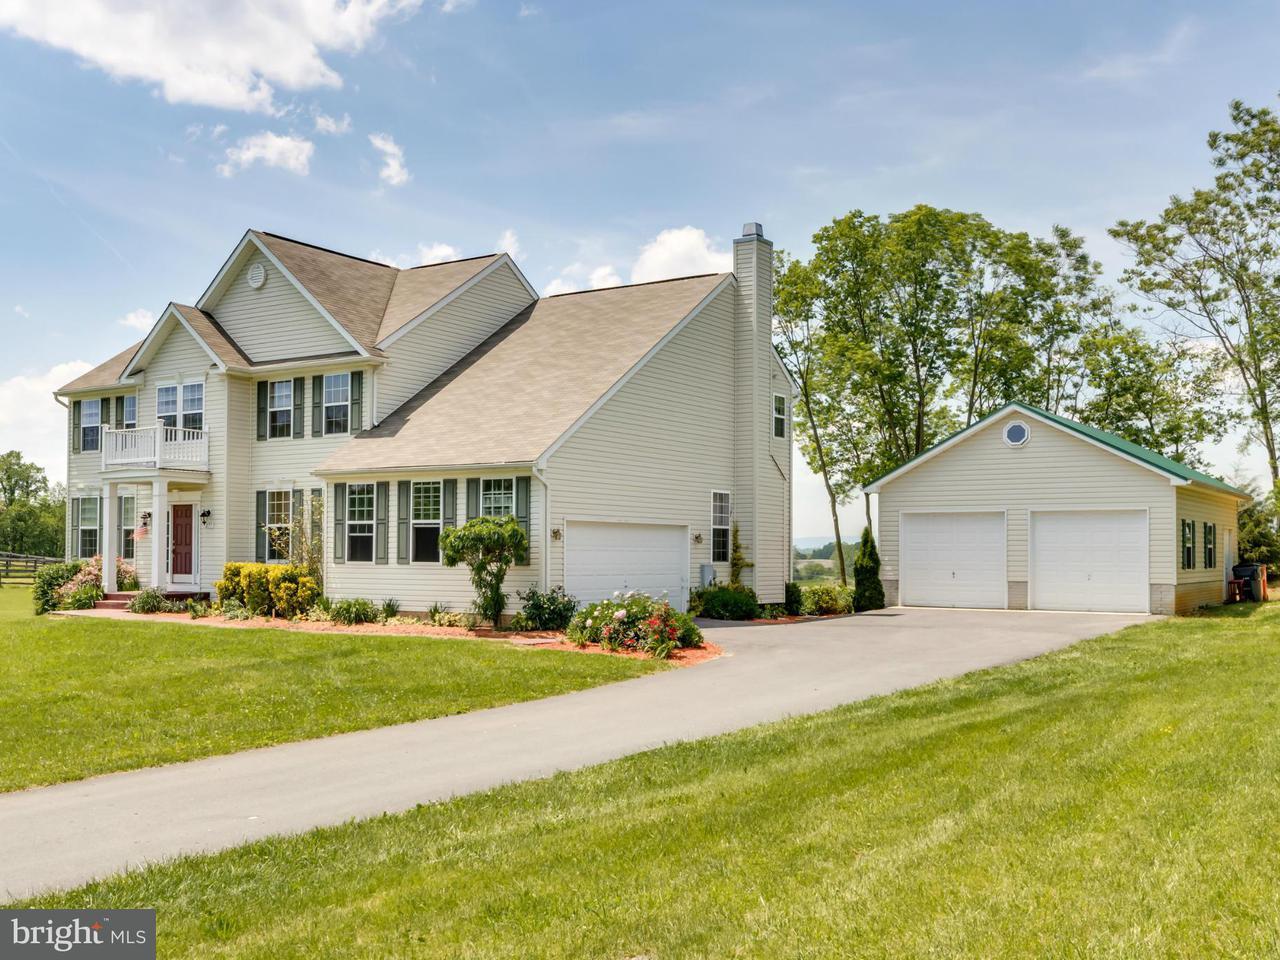 Частный односемейный дом для того Продажа на 277 PASO CORTO Drive 277 PASO CORTO Drive Kearneysville, Западная Виргиния 25430 Соединенные Штаты